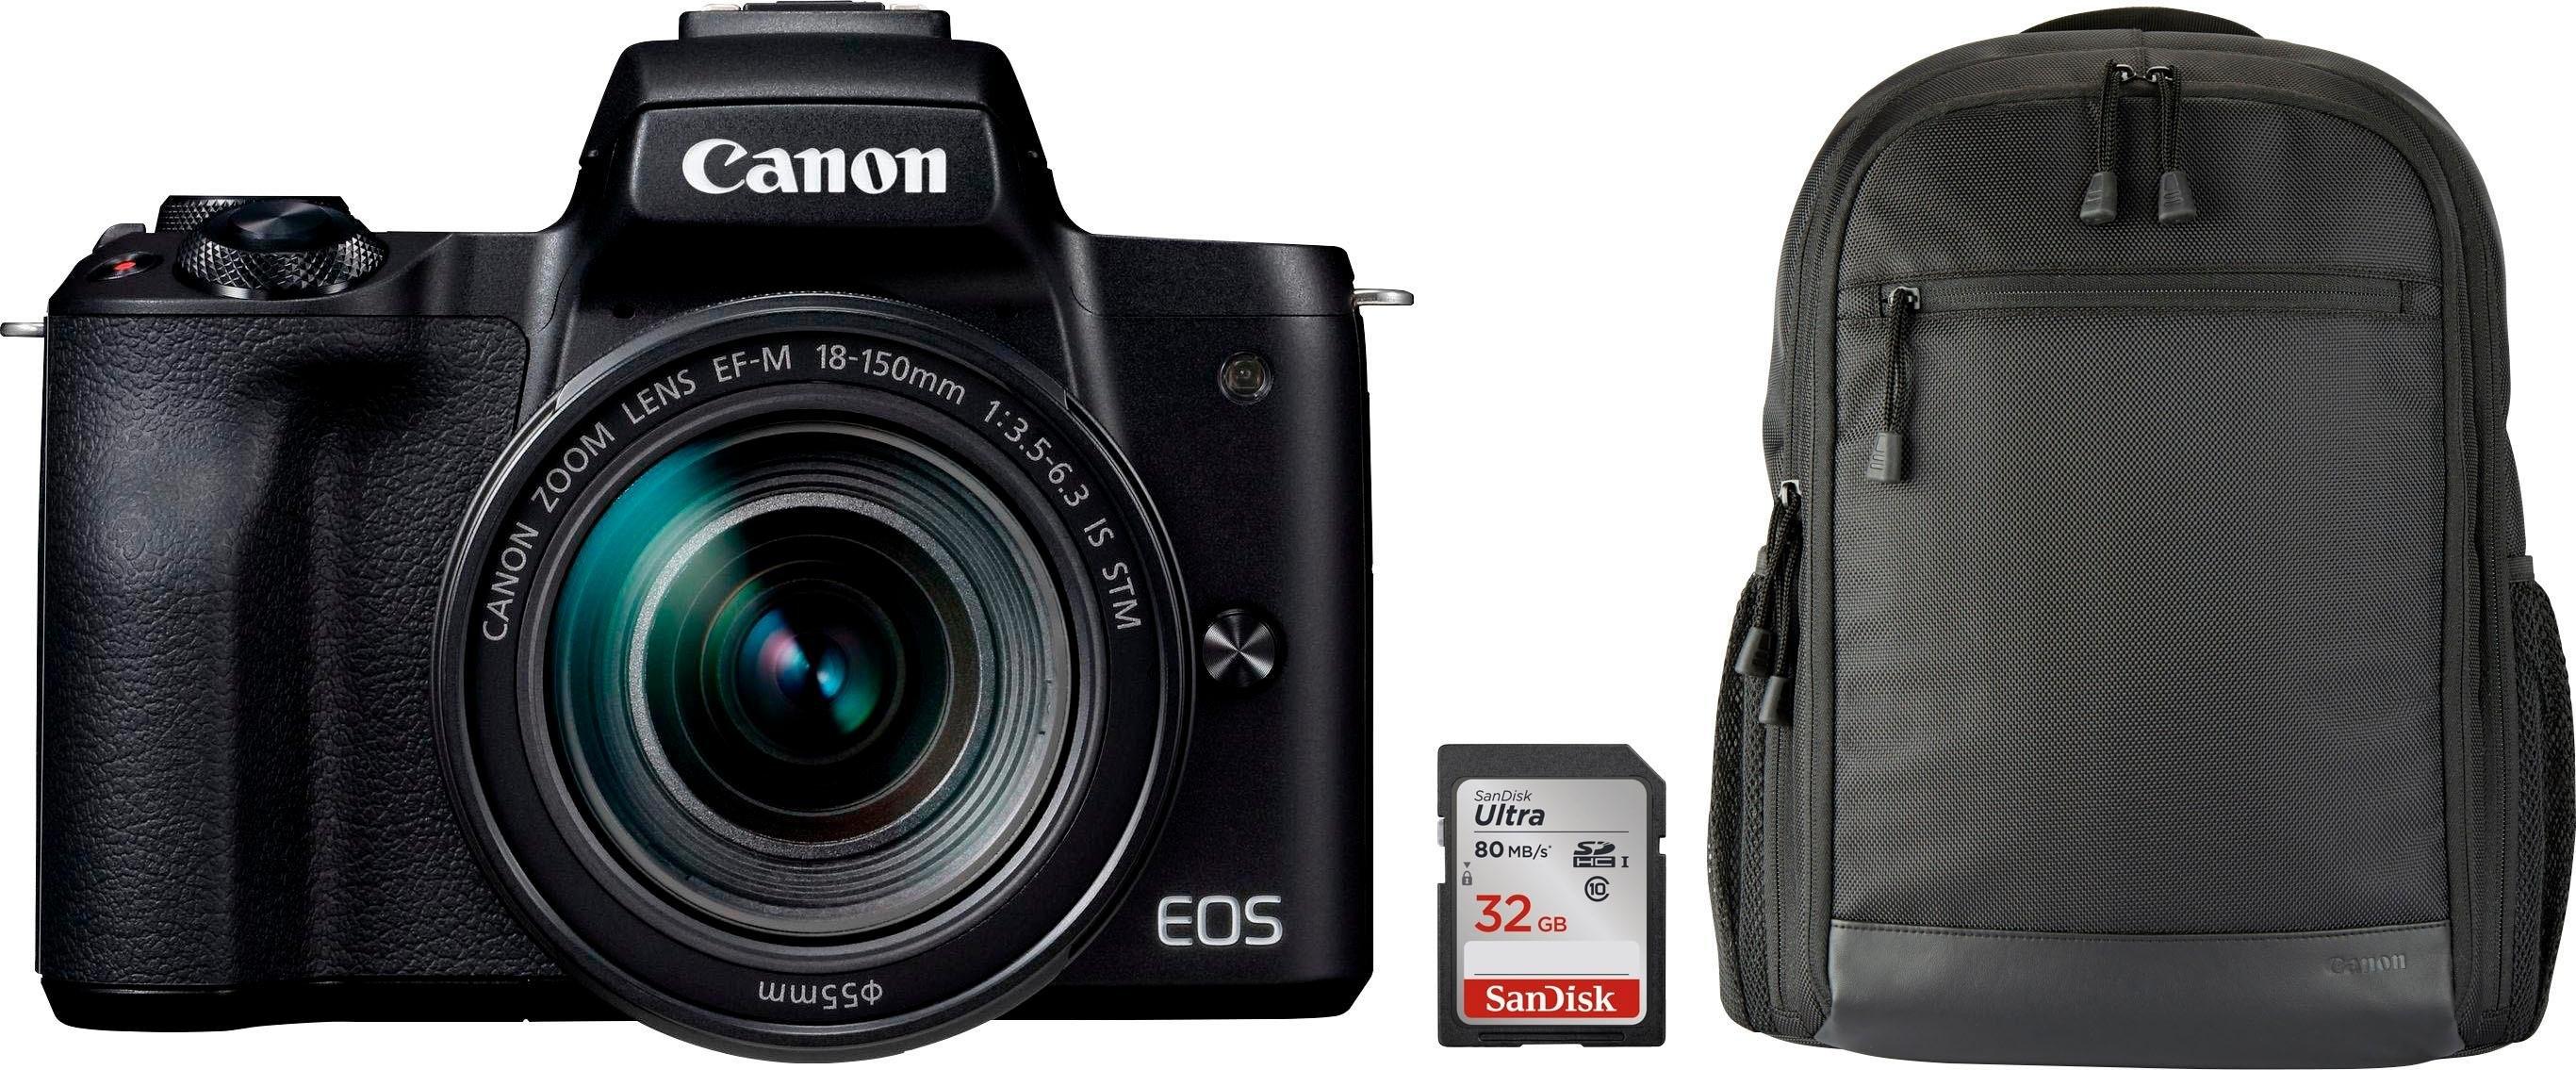 Canon »EOS-M50 EF-M15-45 Kit« systeemcamera (EF-M 15-45, 24,1 MP, NFC wifi bluetooth) bestellen: 14 dagen bedenktijd